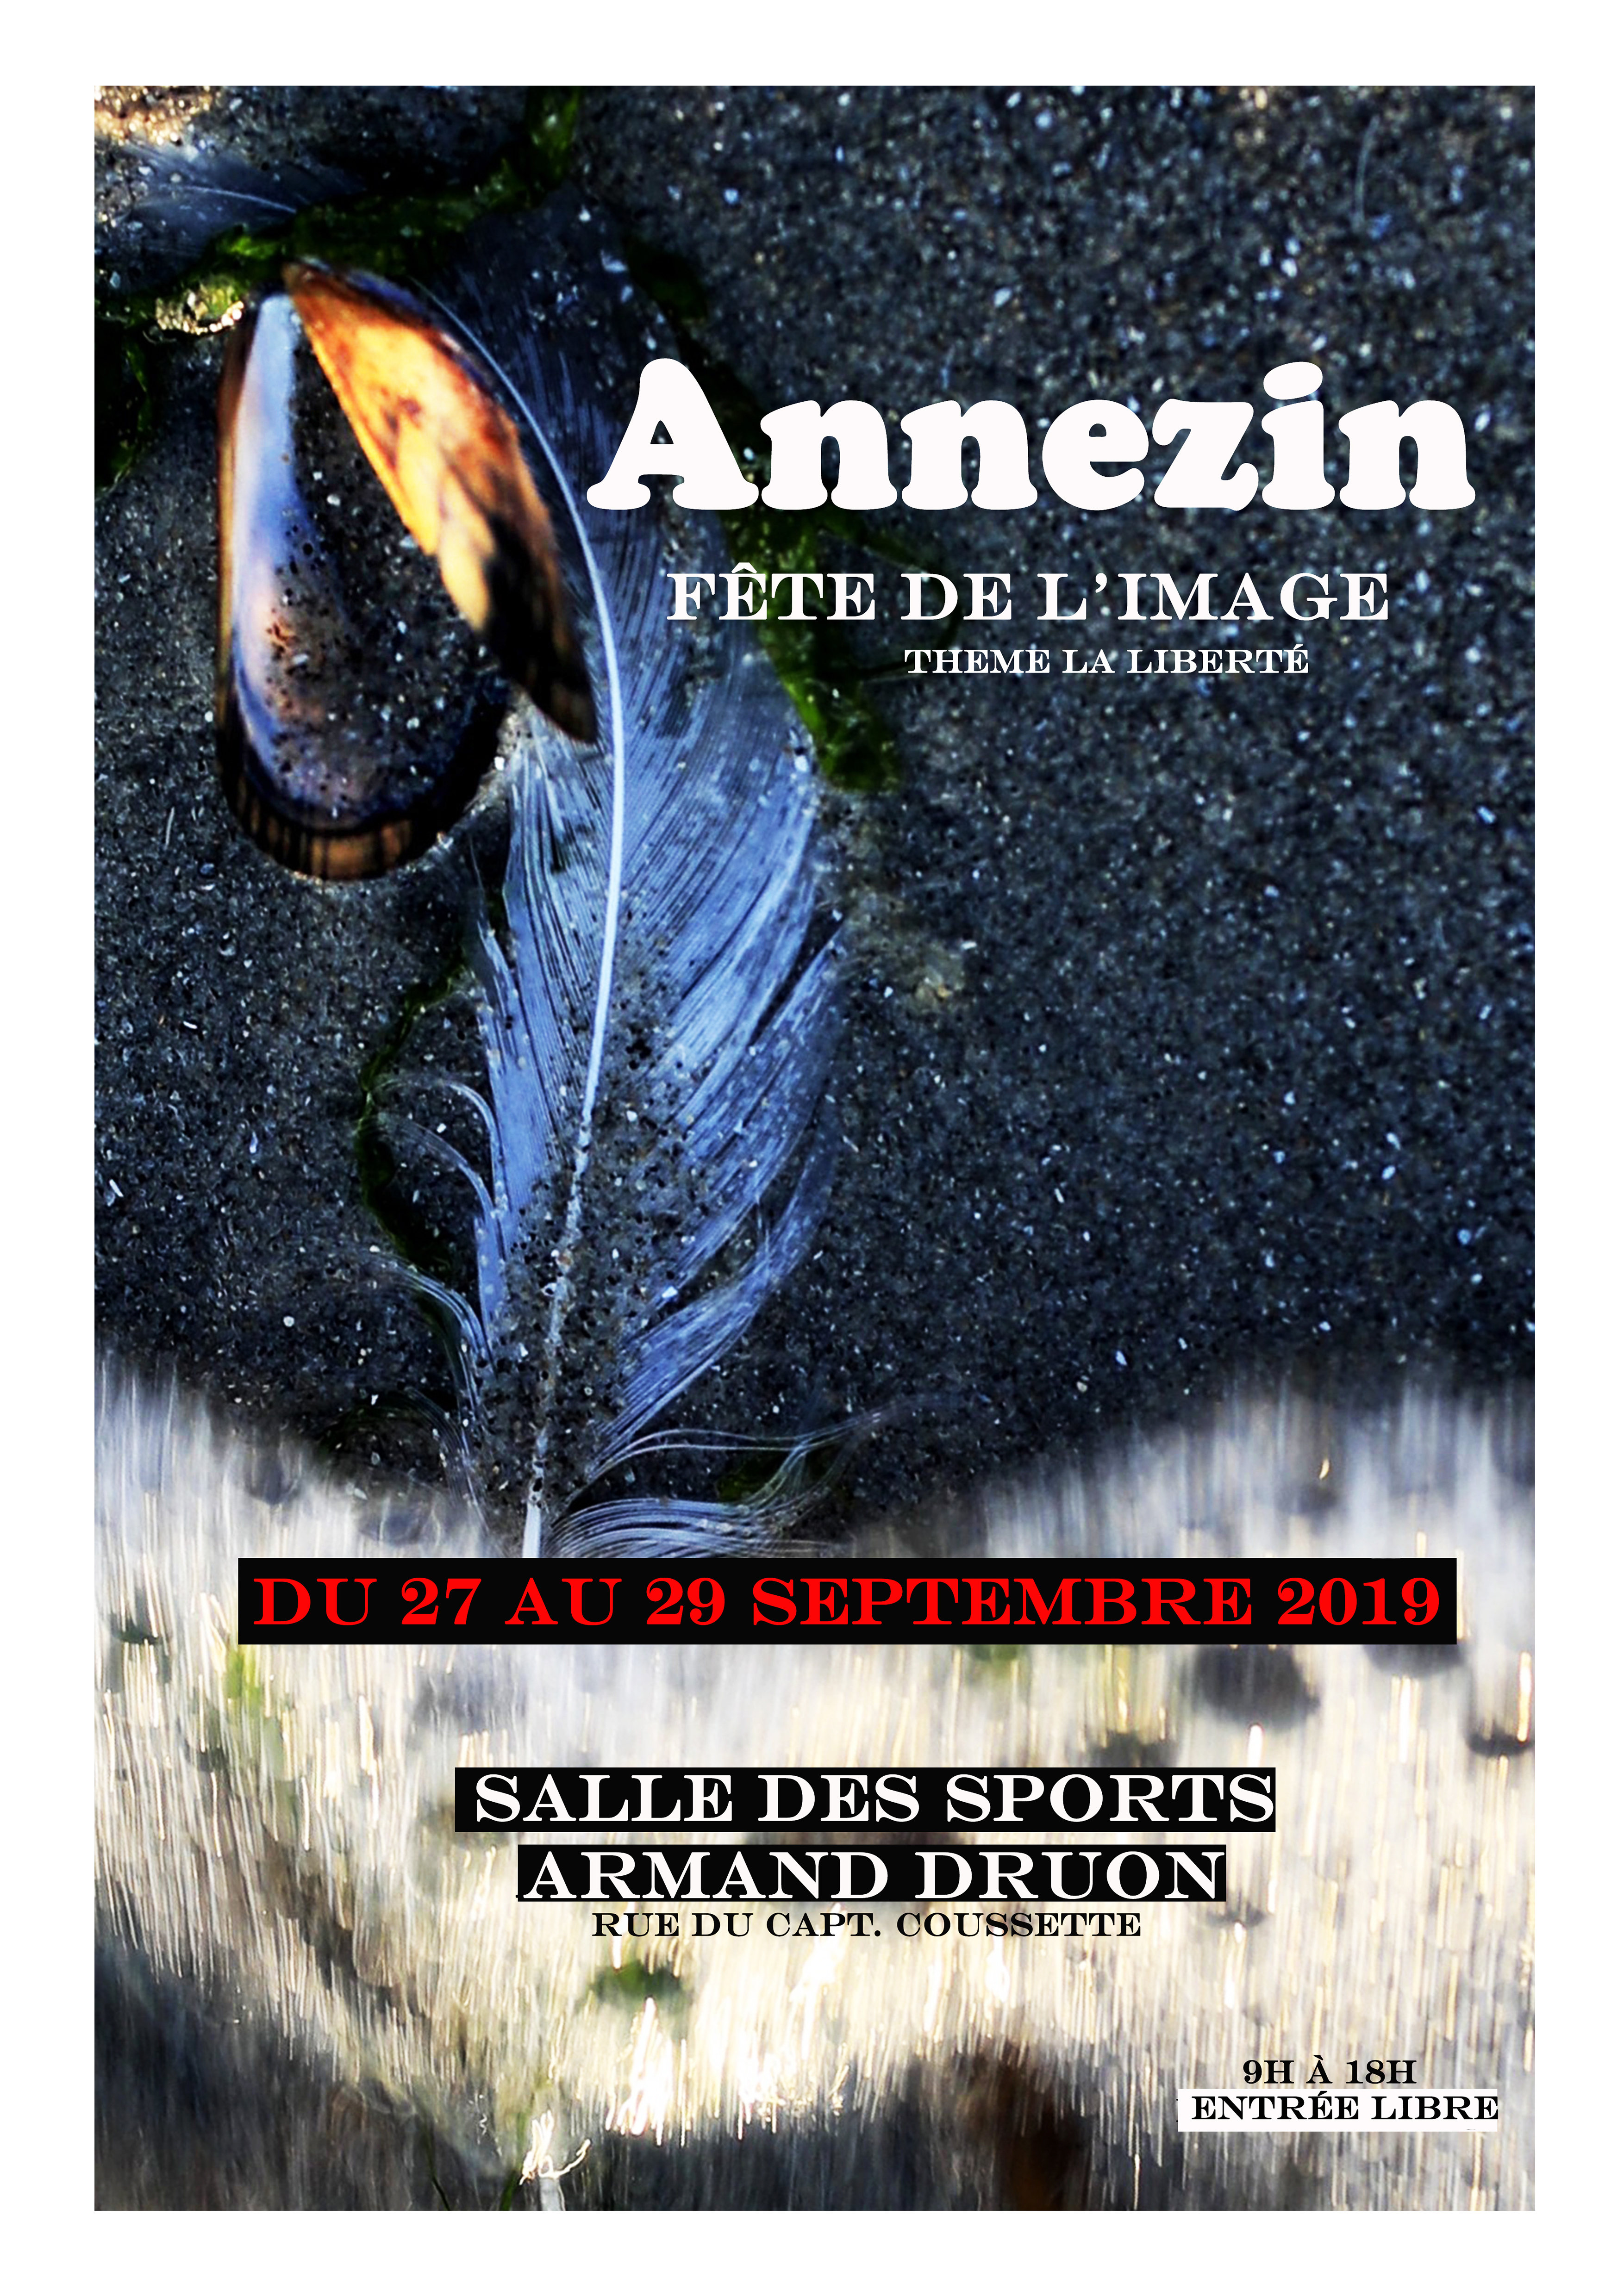 Expo d'Annezin dans le pas de Calais